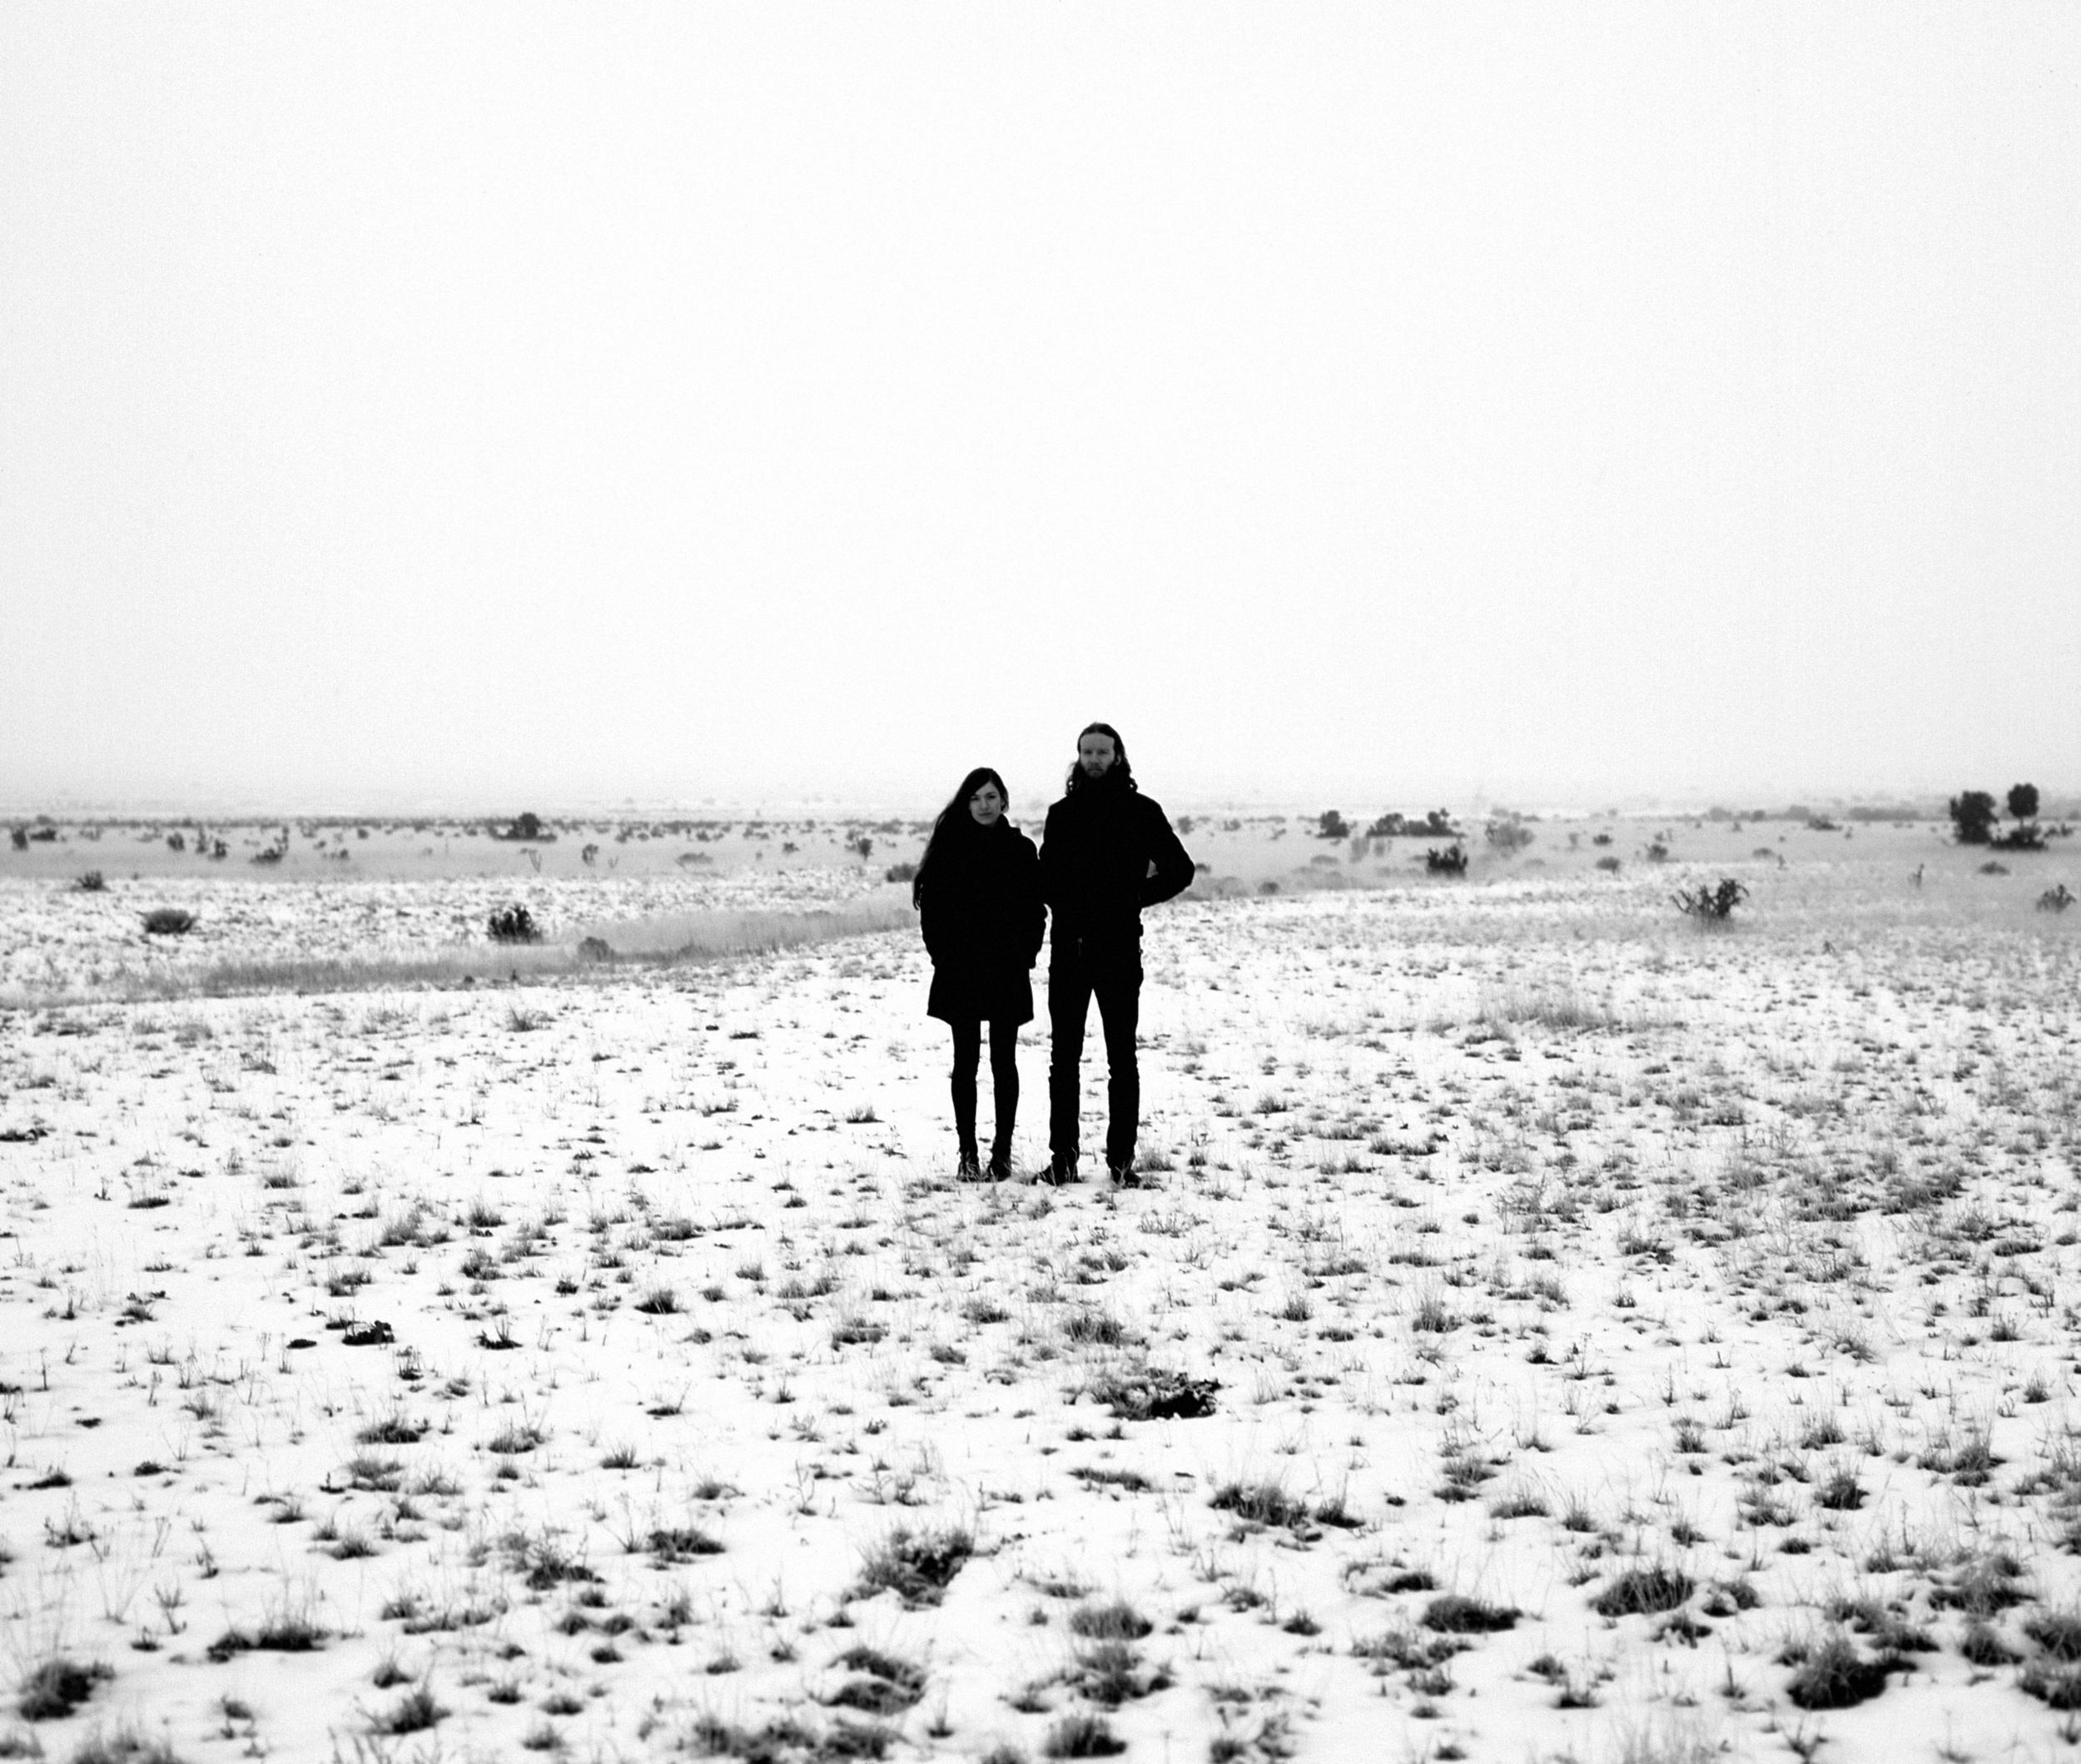 Photograph by Faith Coloccia